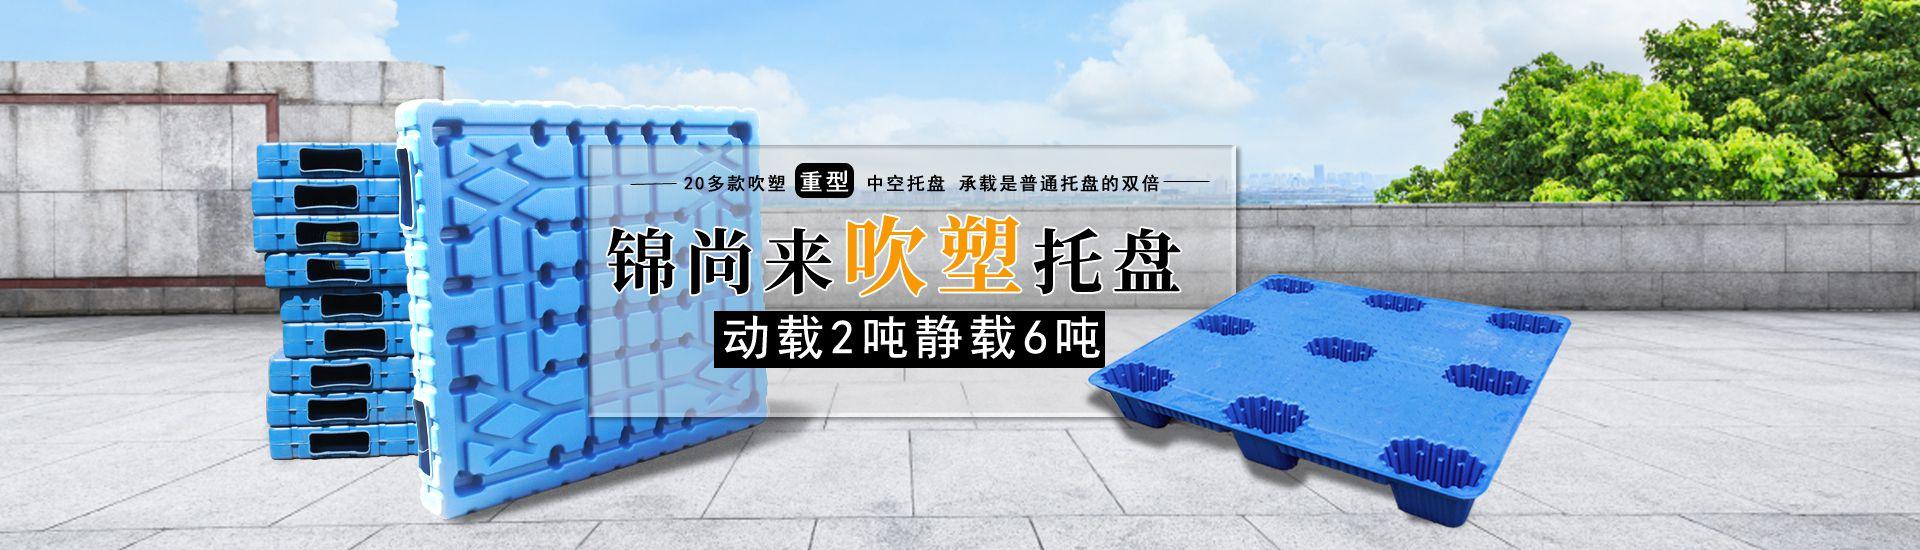 江苏锦尚来塑业科技有限公司